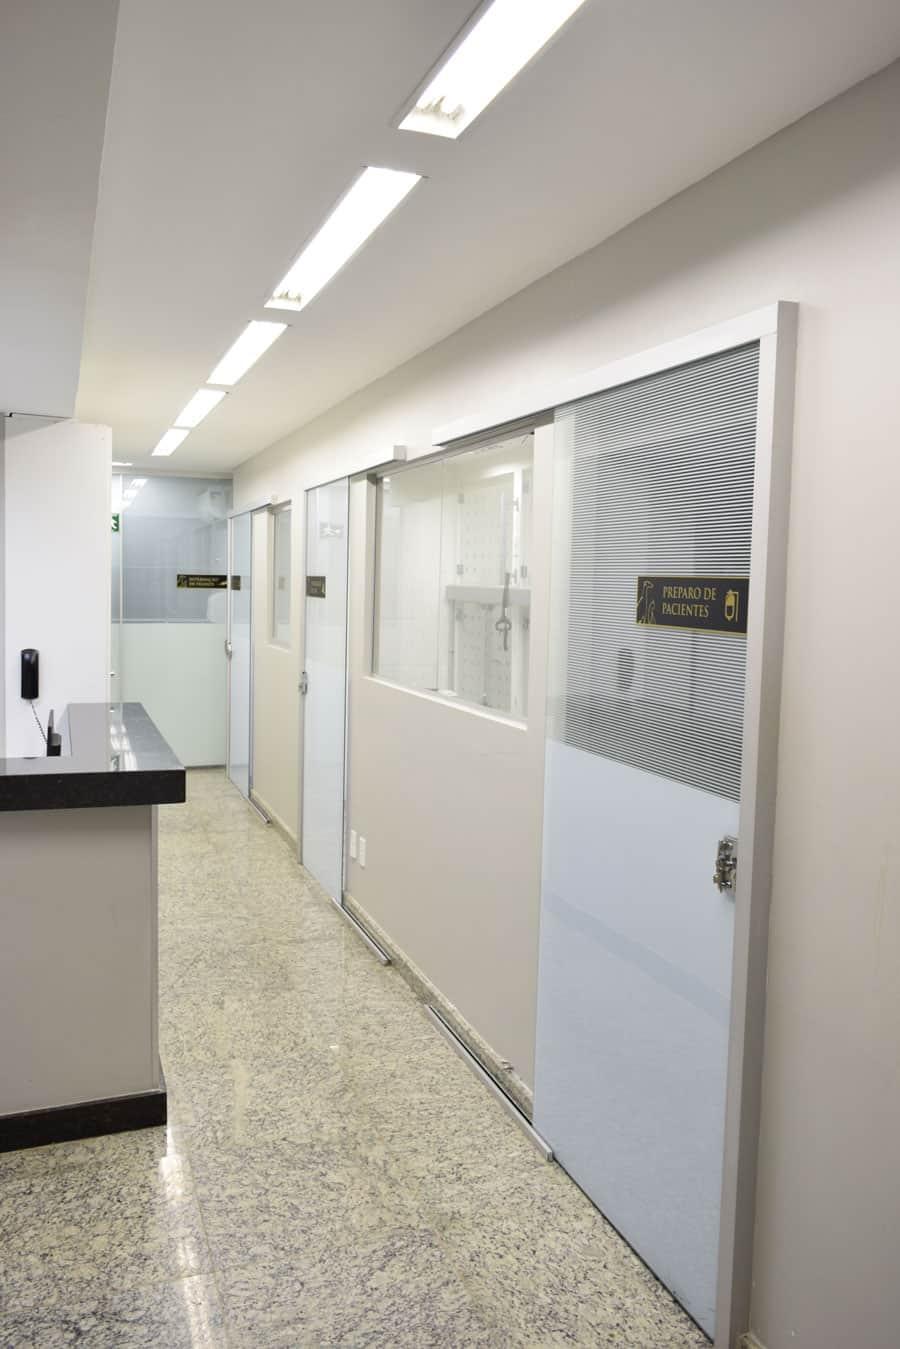 Bloco cirúrgico composto por sala de esterilização, preparo e recuperação do animal e centro cirúrgico equipado com anestesia inalatória, capinografia e monitoração de ponta.